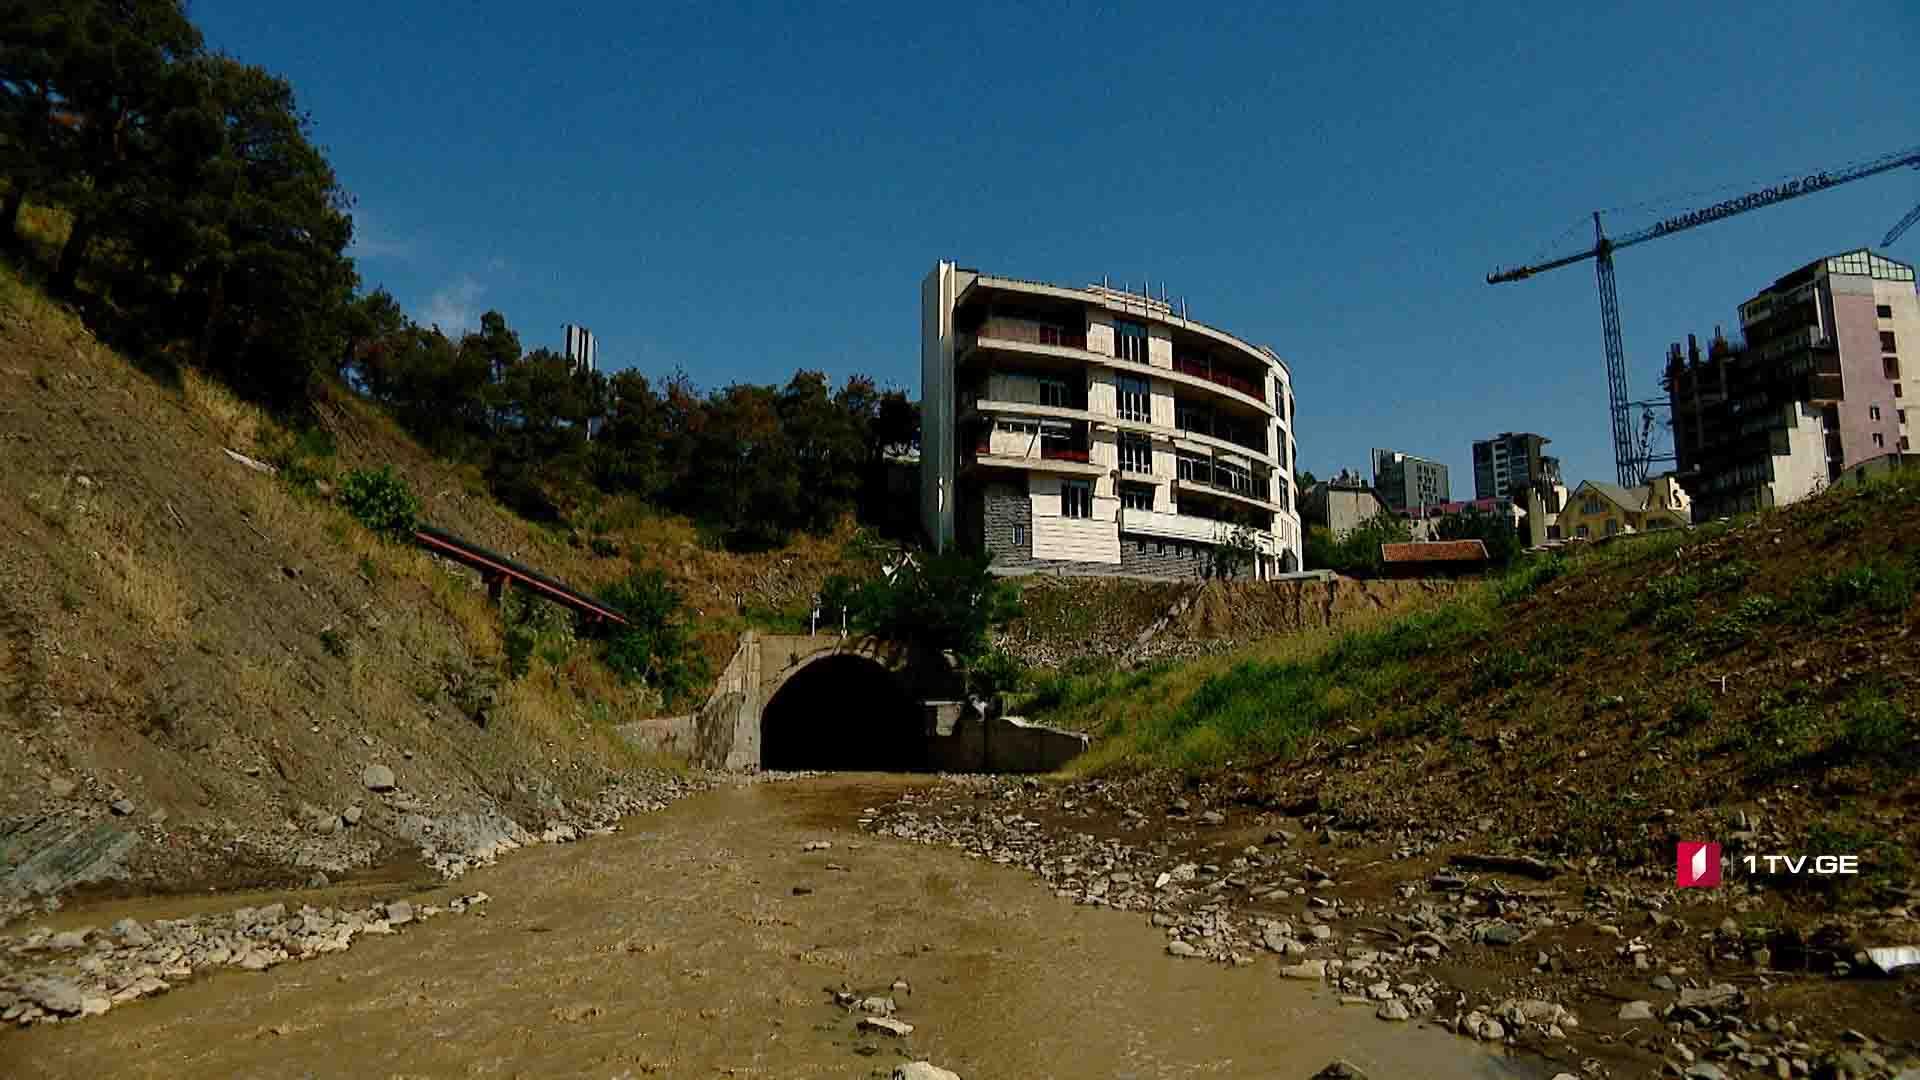 ხუთი საშიში მდინარე თბილისში